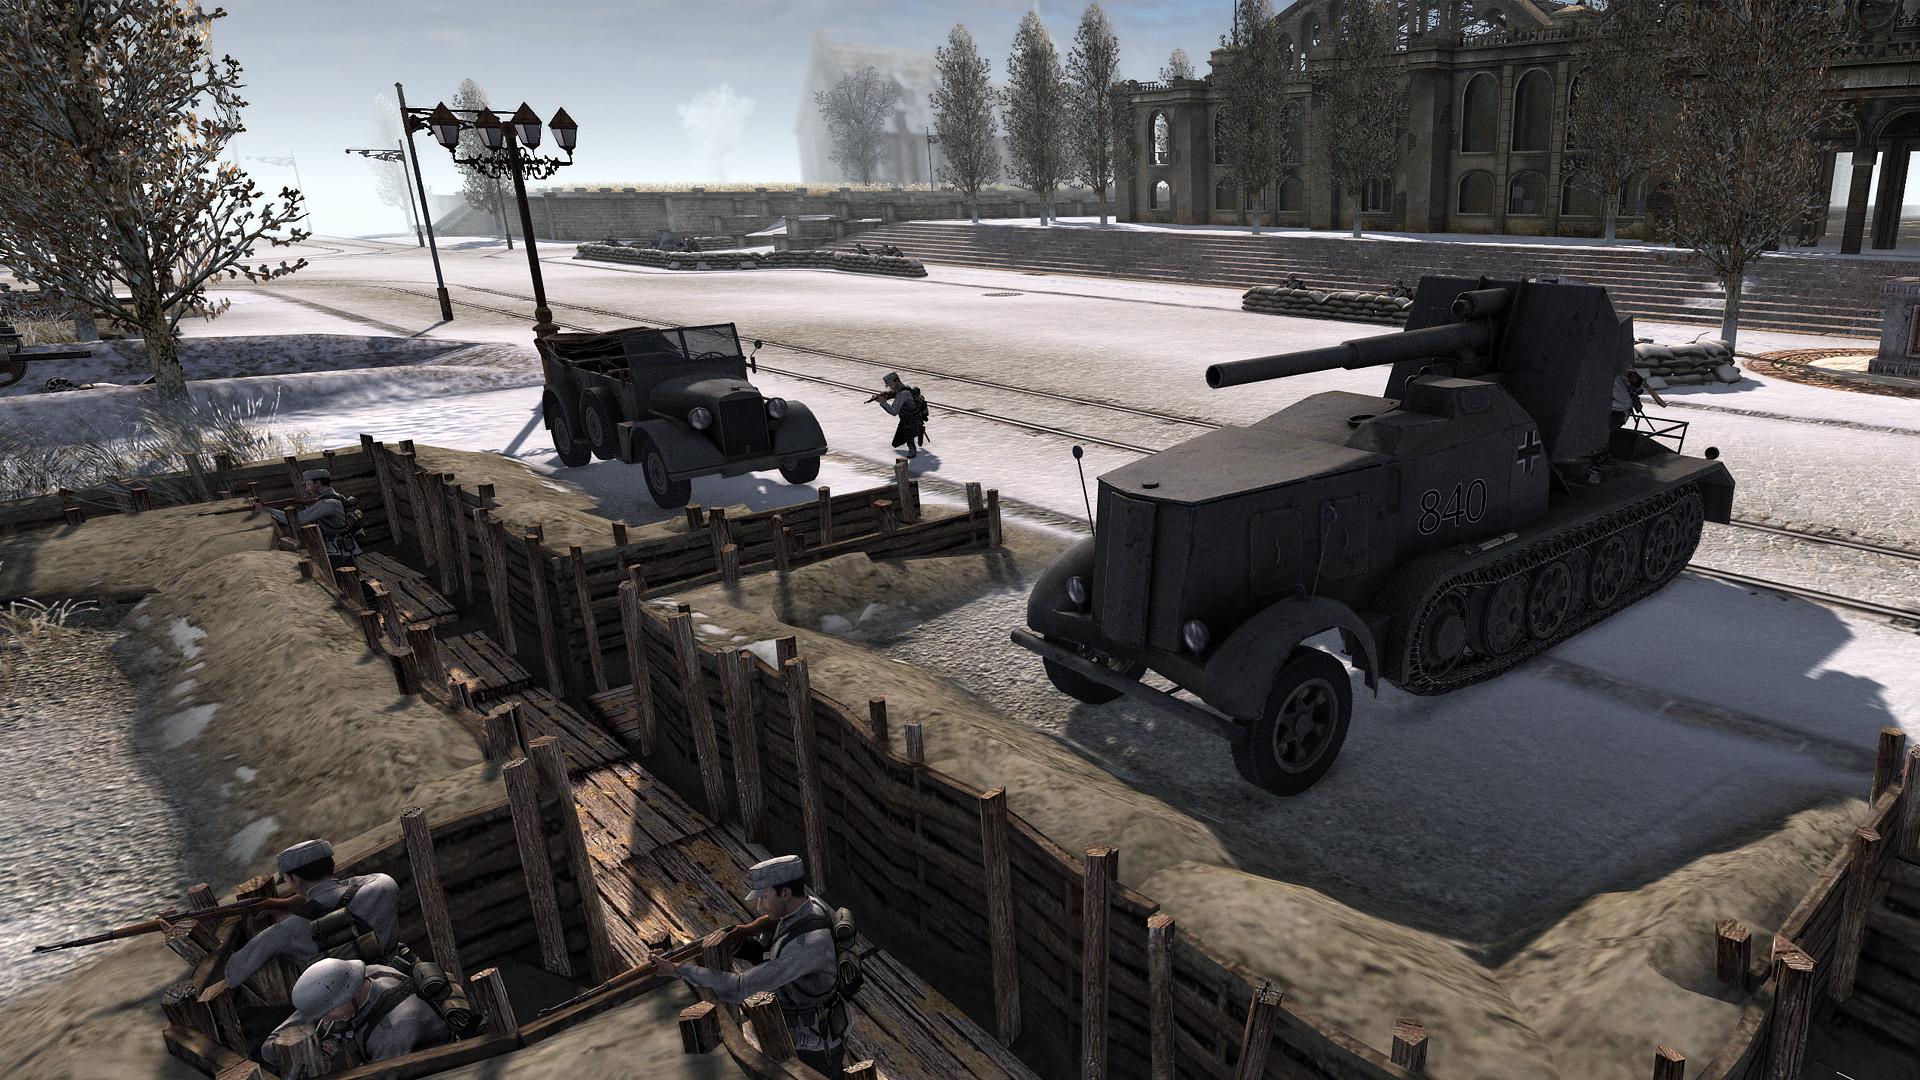 Скачать 3D модель В тылу врага: Штурм 2 | Men of War Assault Squad 2 (3.260.1) (PC, by SKIDROW, +5 DLC, Full, Ostfront Veteranen)